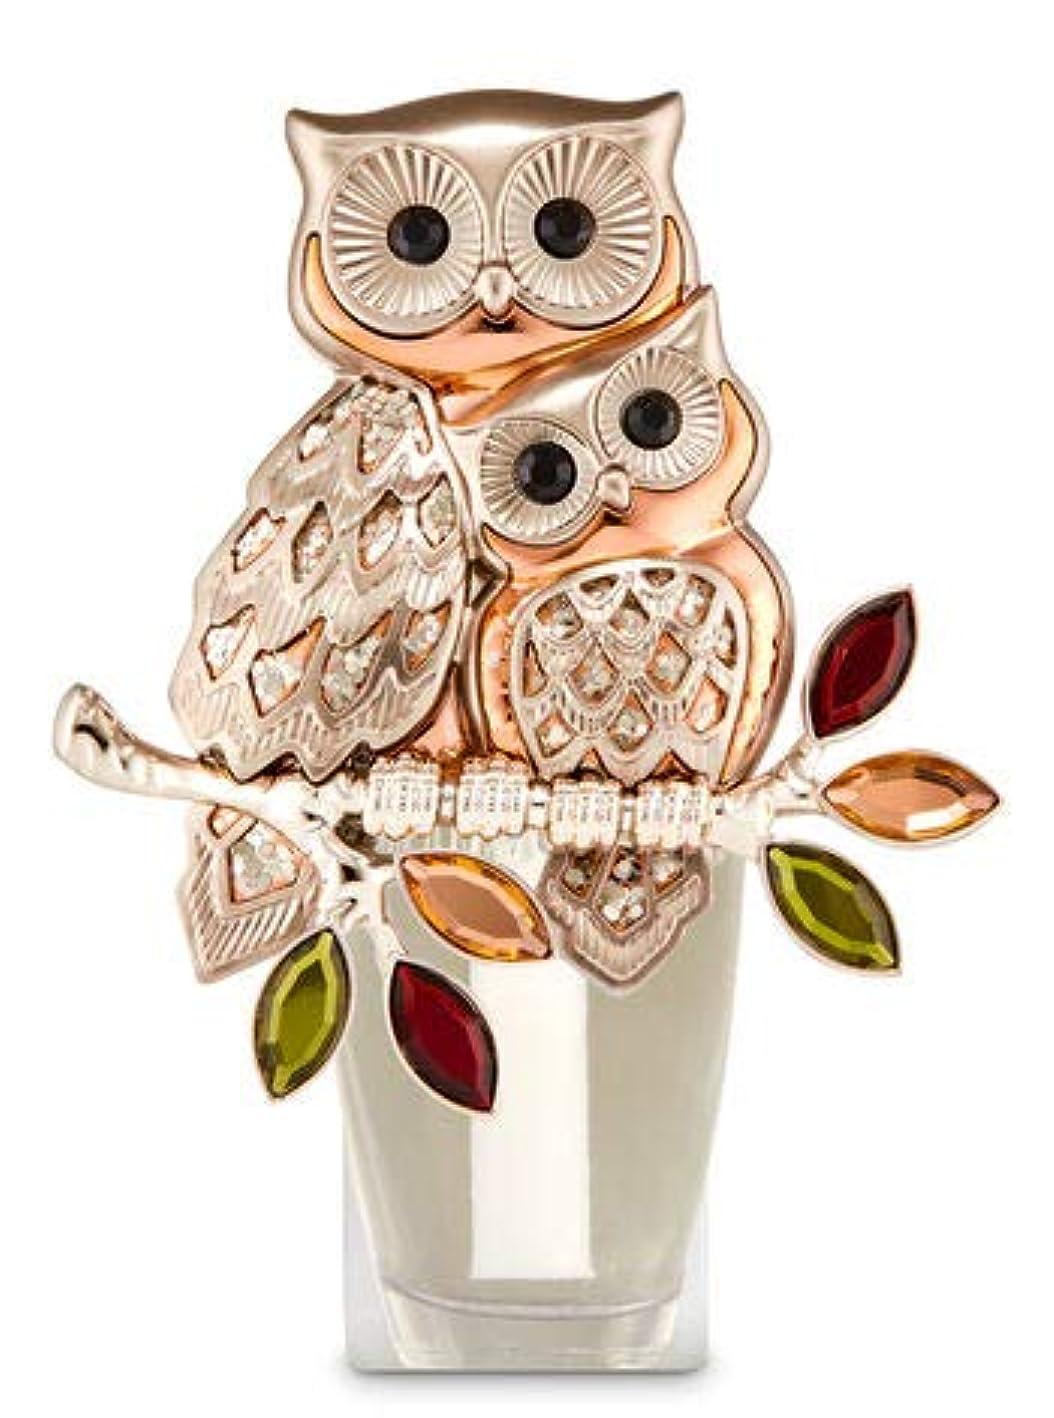 溶岩指定考案する【Bath&Body Works/バス&ボディワークス】 ルームフレグランス プラグインスターター (本体のみ) オウルズ ナイトライト フクロウ Wallflowers Fragrance Plug Owls Night Light [並行輸入品]